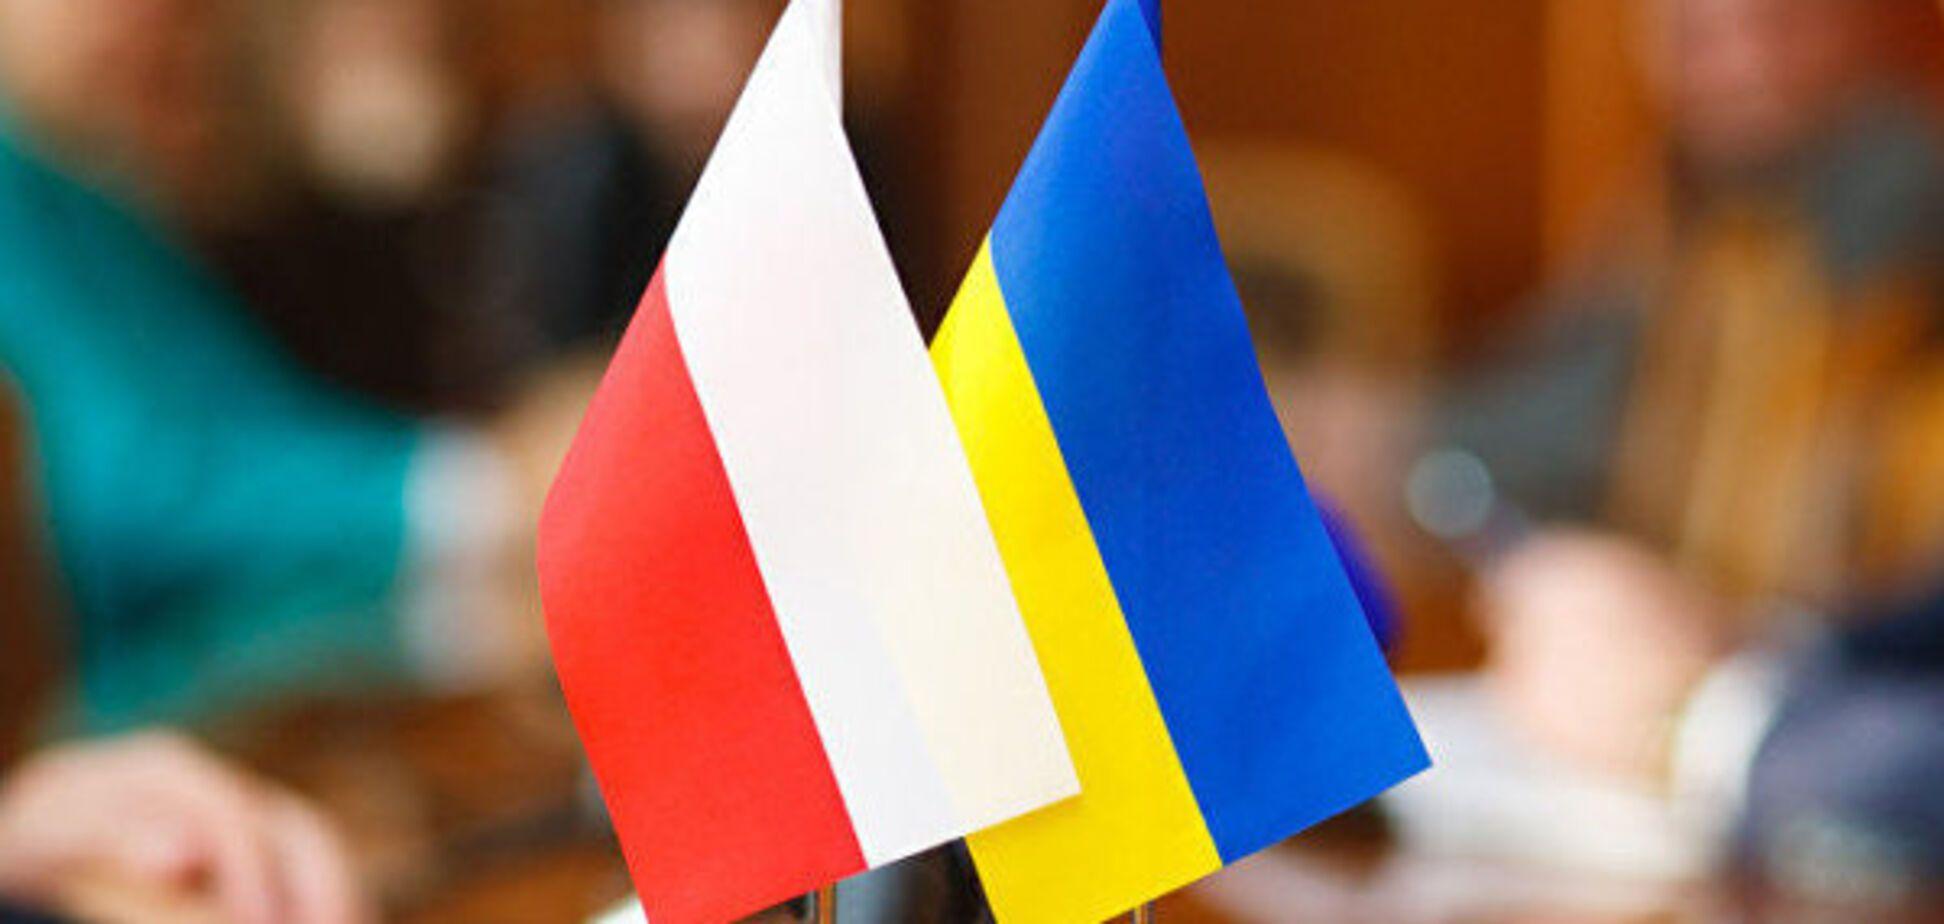 'Забирайтеся в Україну': в Польщі спалахнув новий скандал через УПА